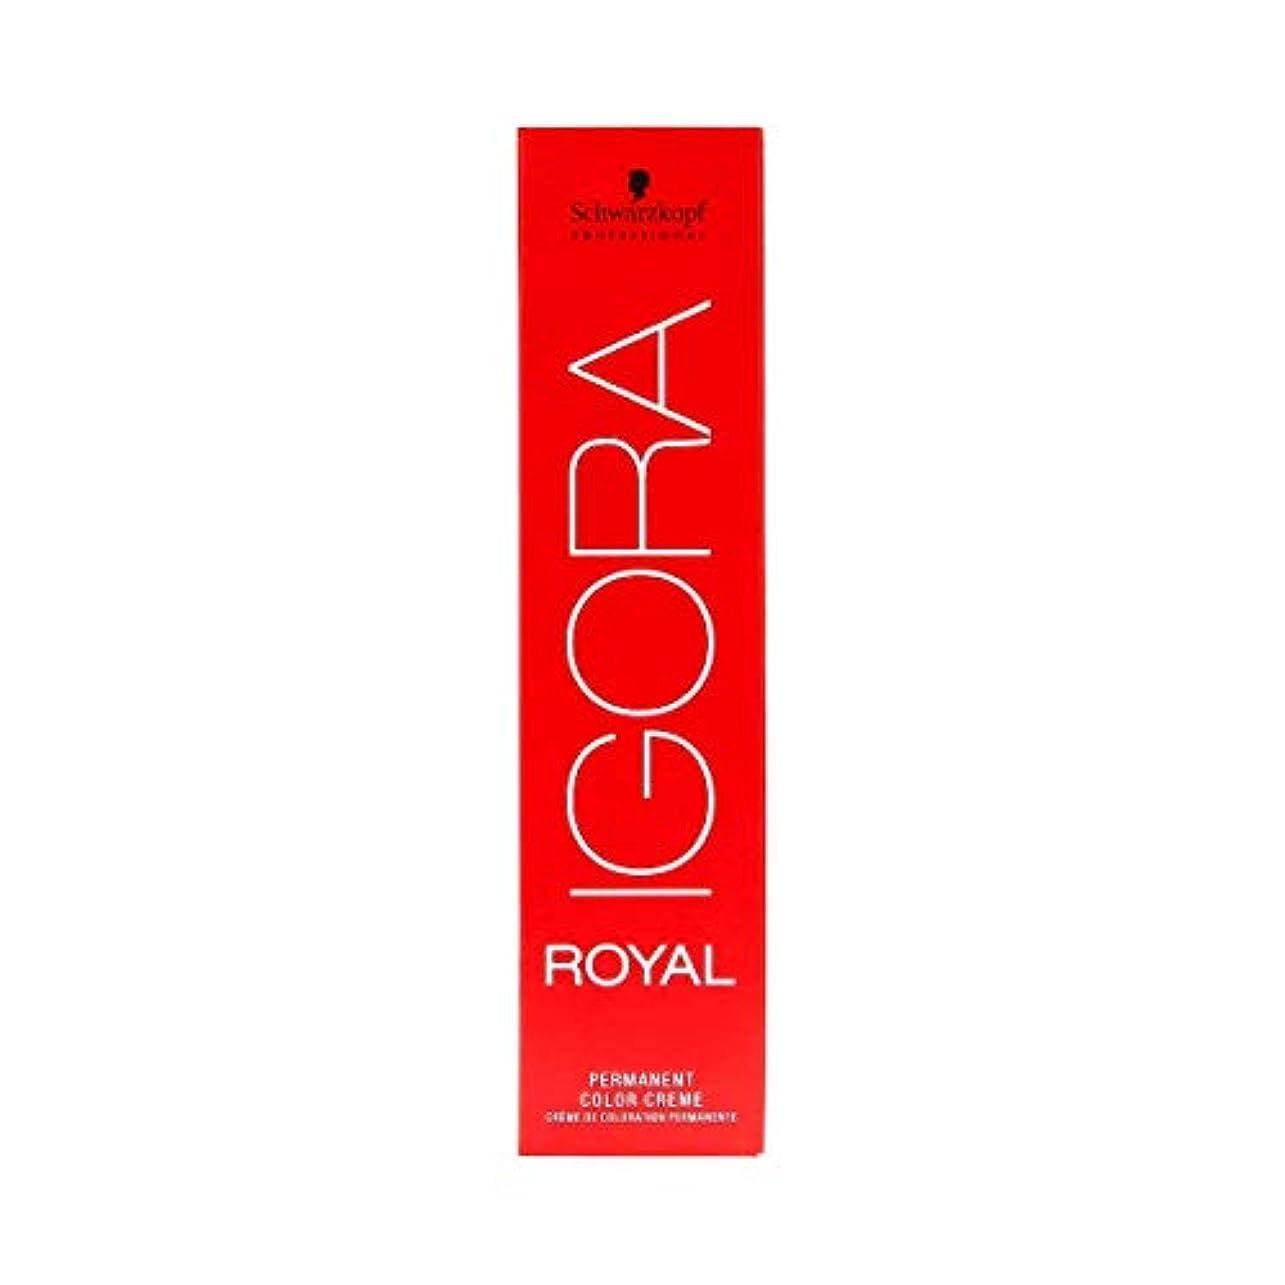 シュワルツコフ IGORA ロイヤル4-5パーマネントカラークリーム60ml[海外直送品] [並行輸入品]